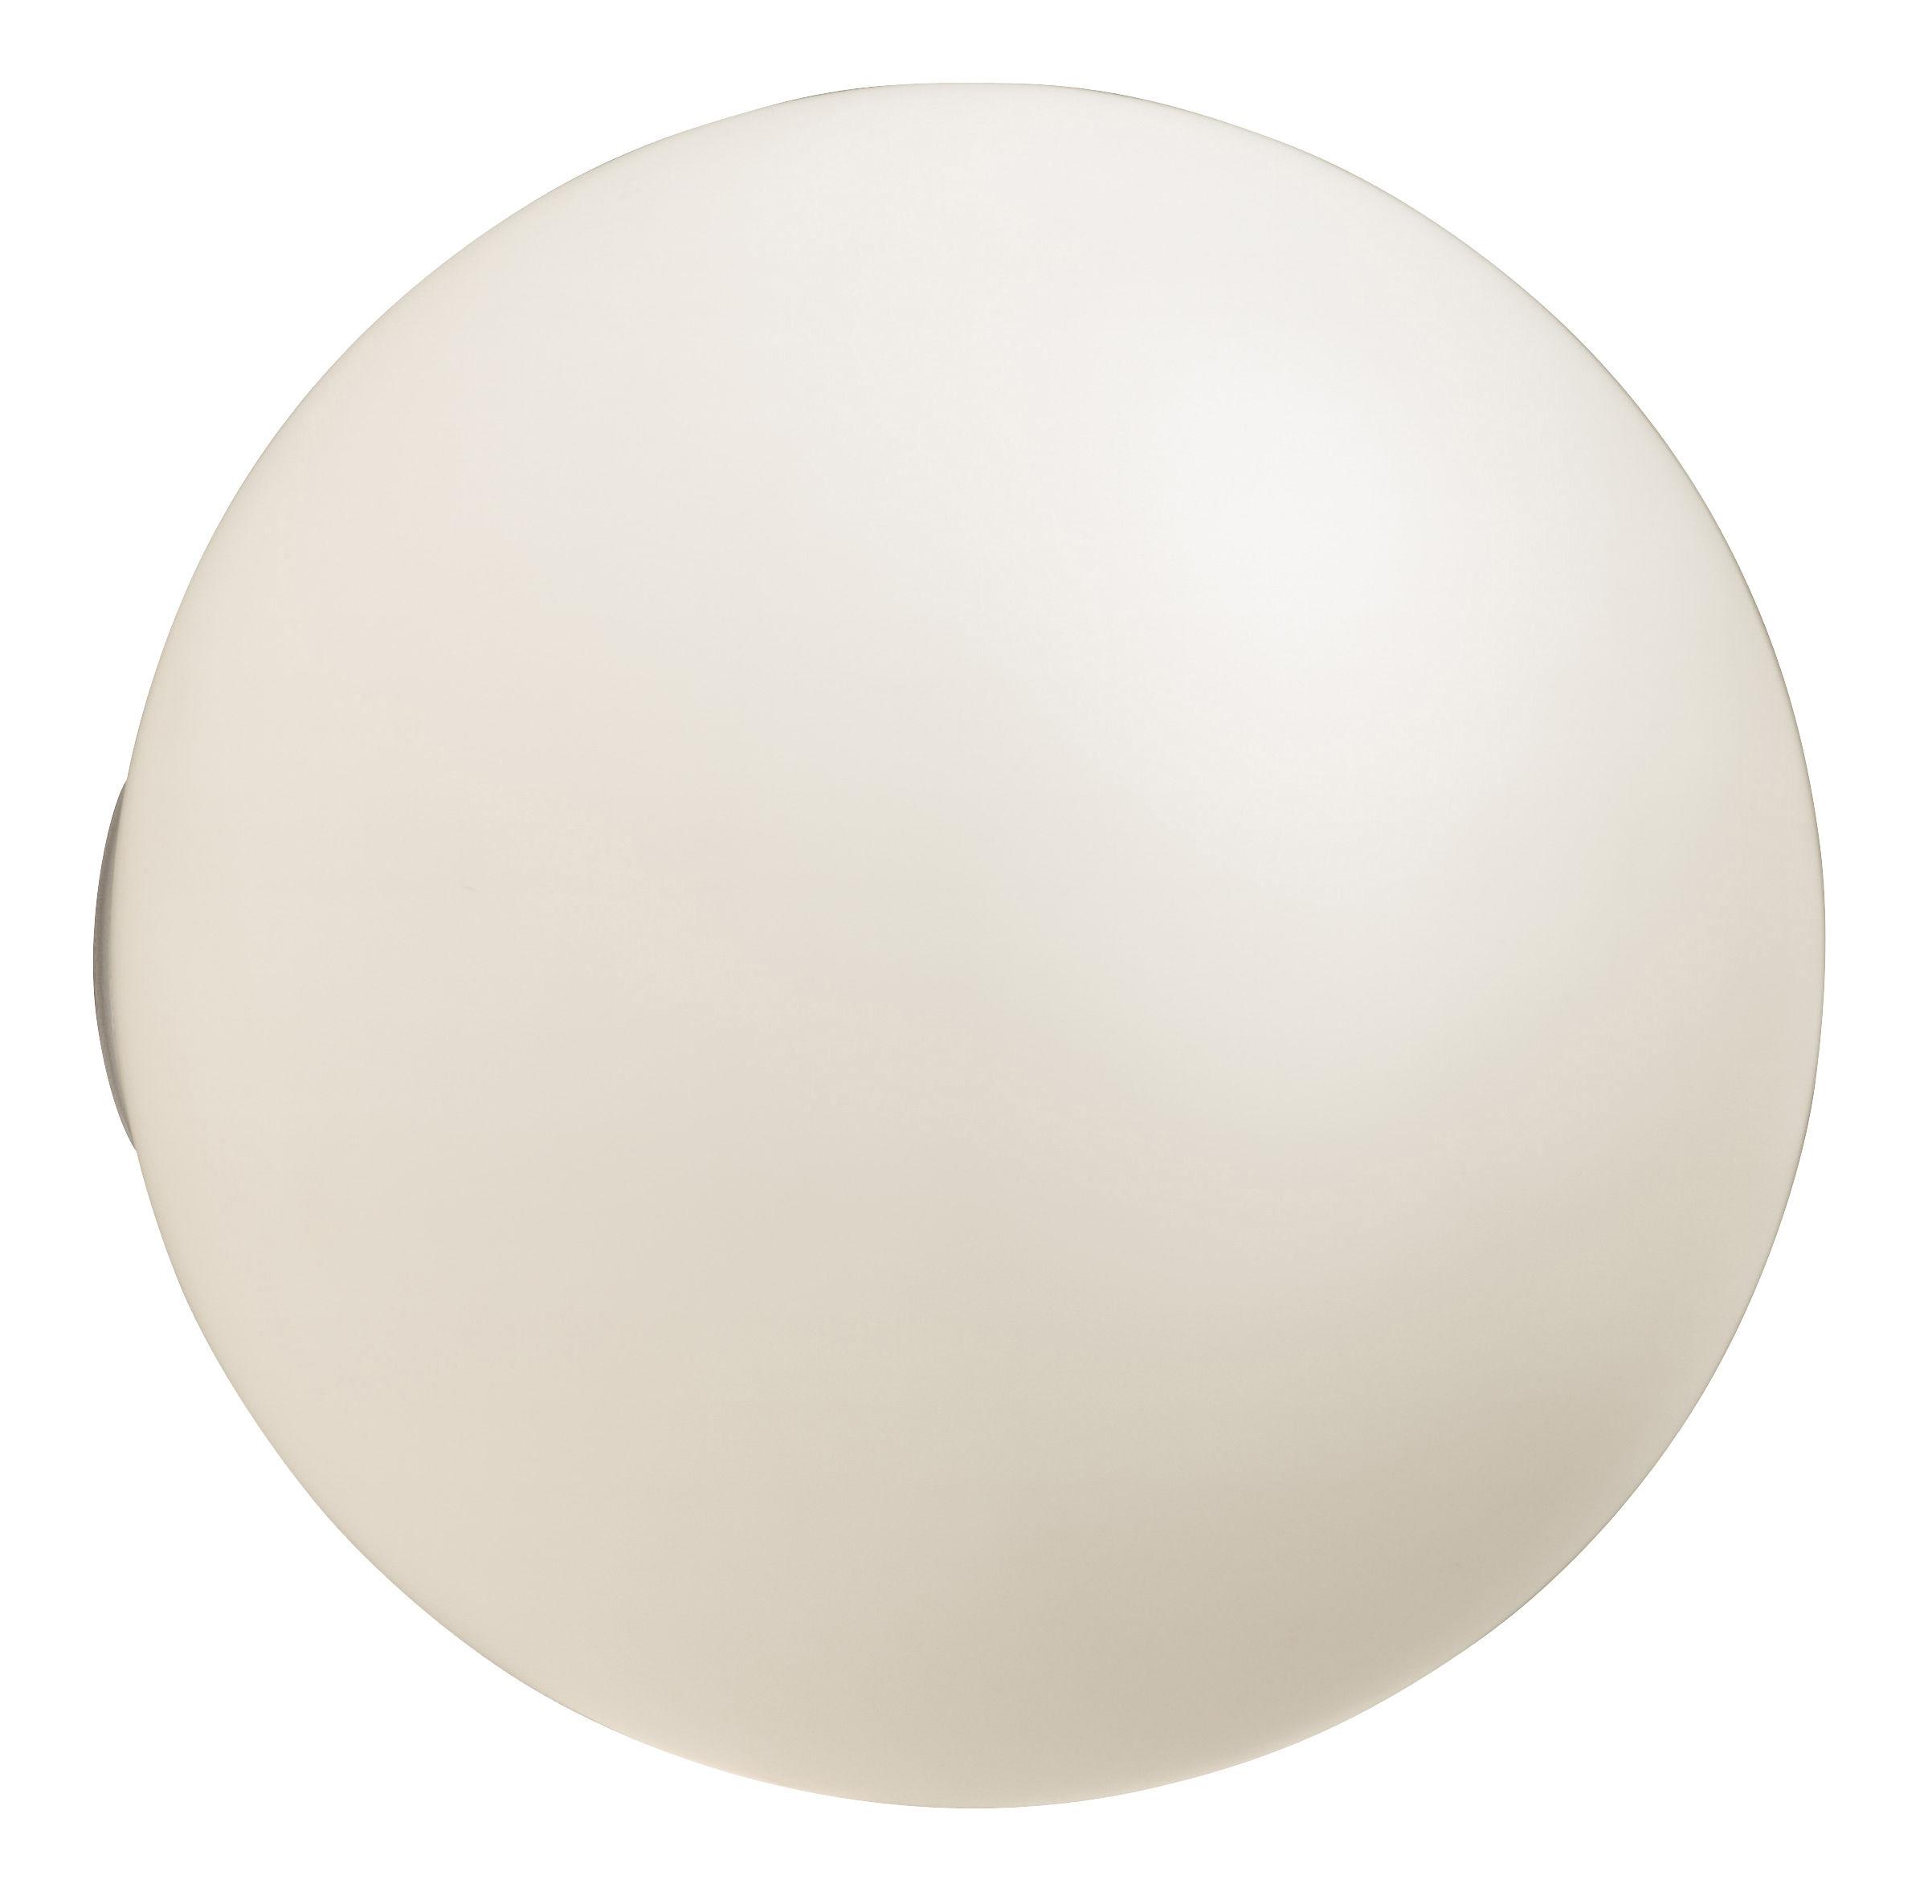 Leuchten - Wandleuchten - Dioscuri Wandleuchte Deckenleuchte - Artemide - Ø 14 cm - weiß - geblasenes Glas